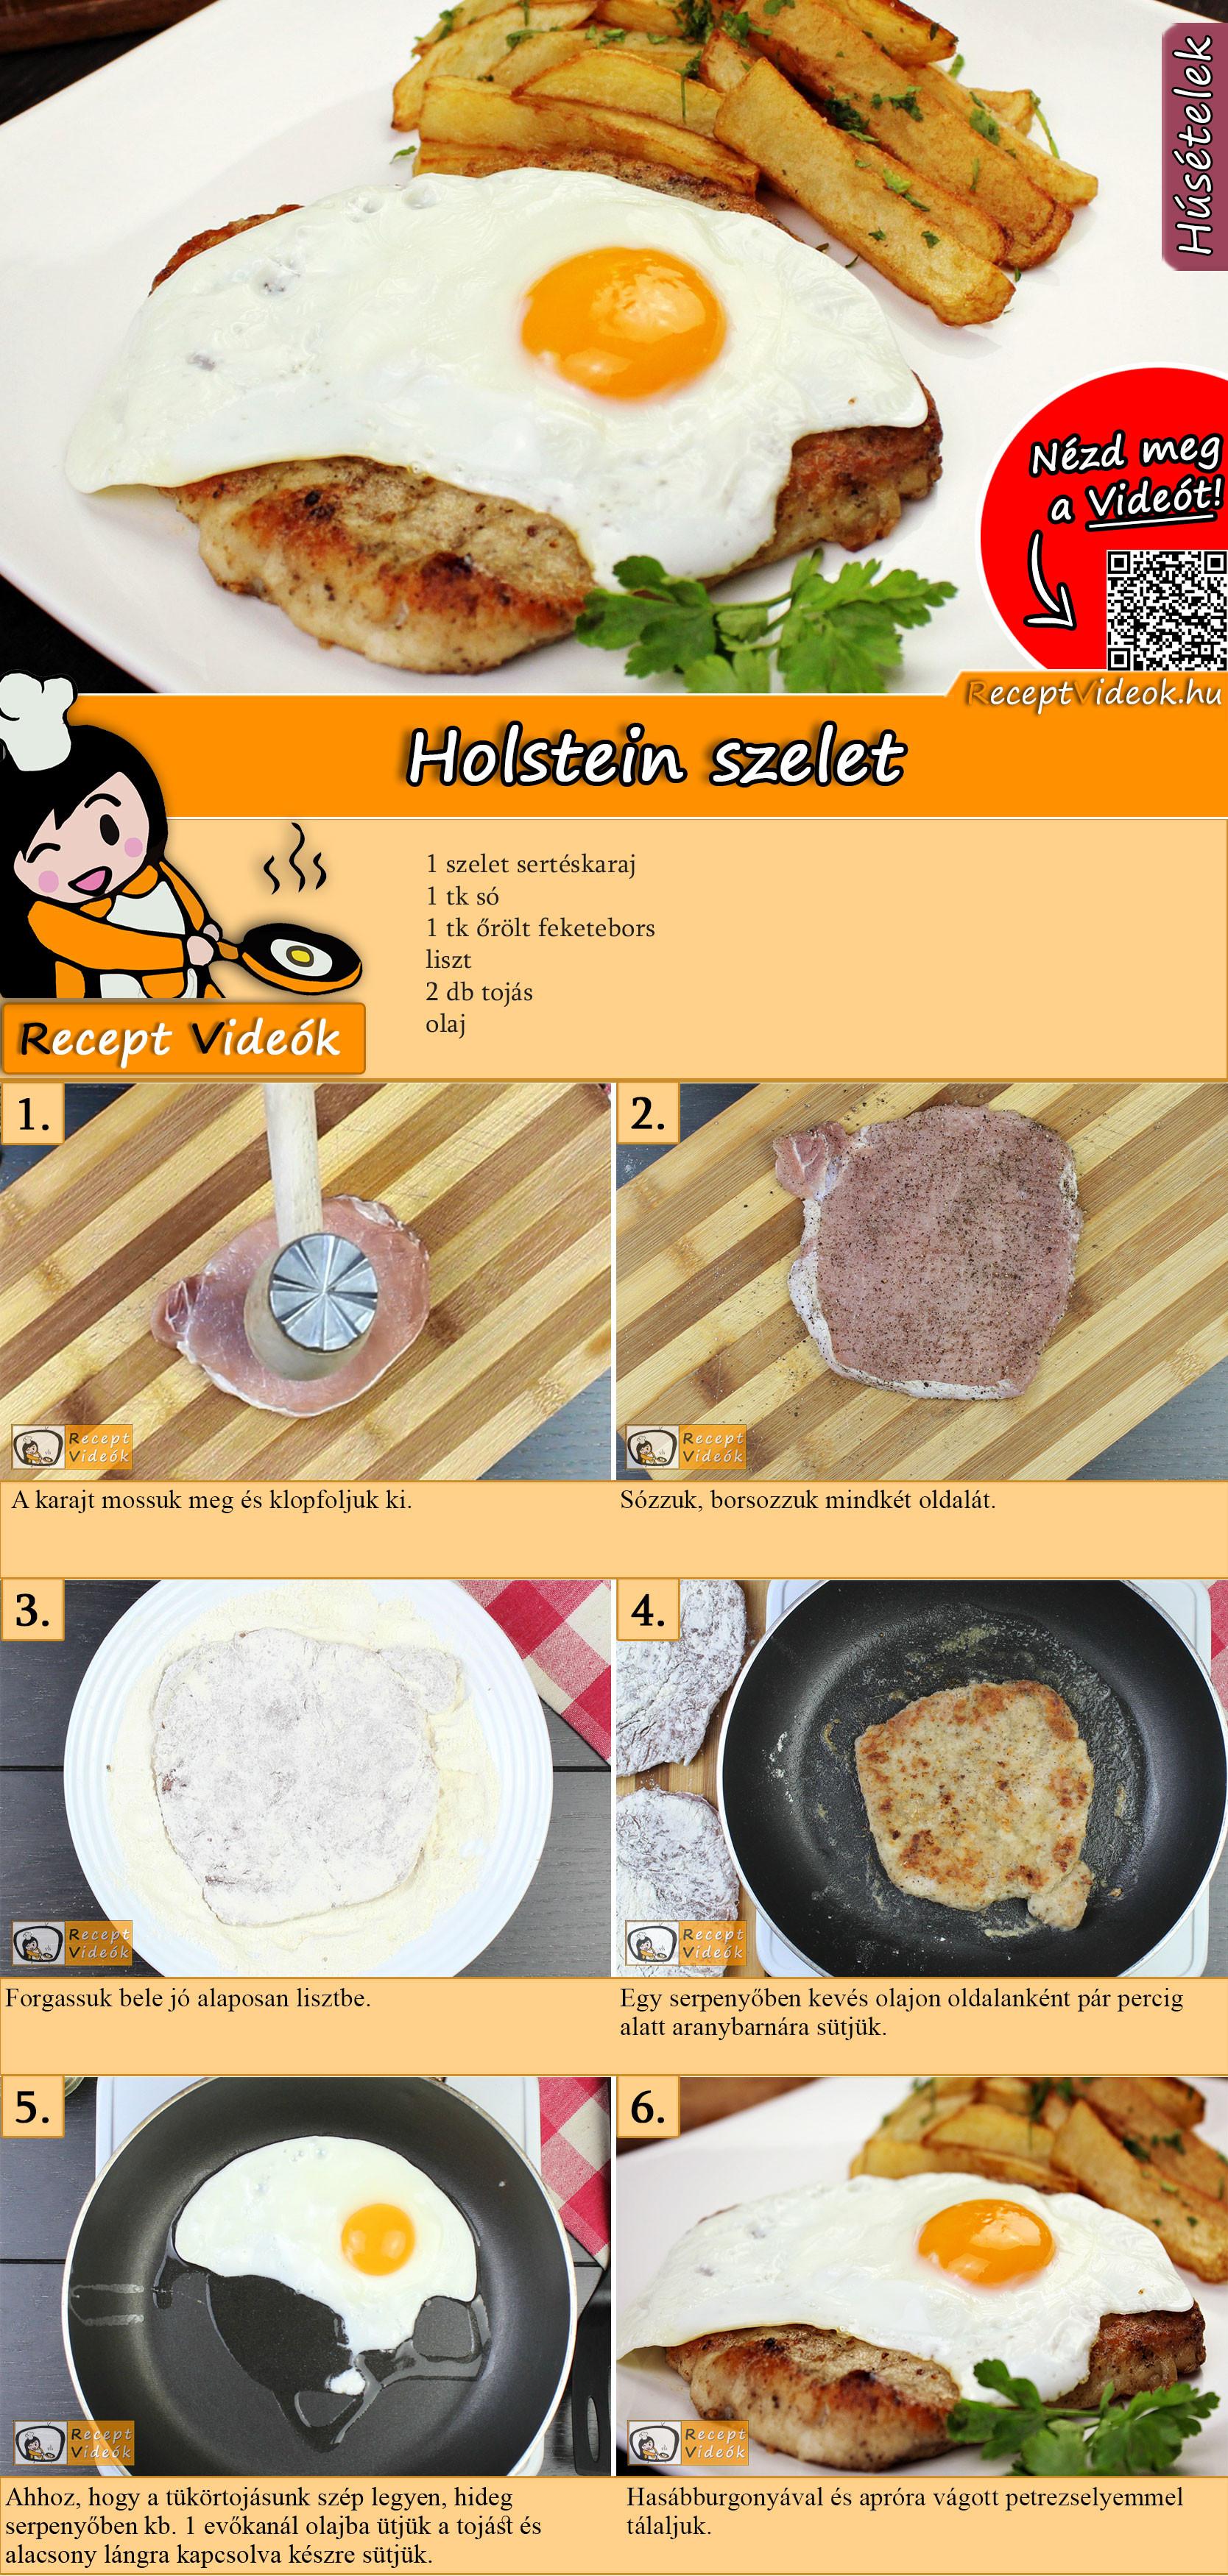 Holstein szelet recept elkészítése videóval